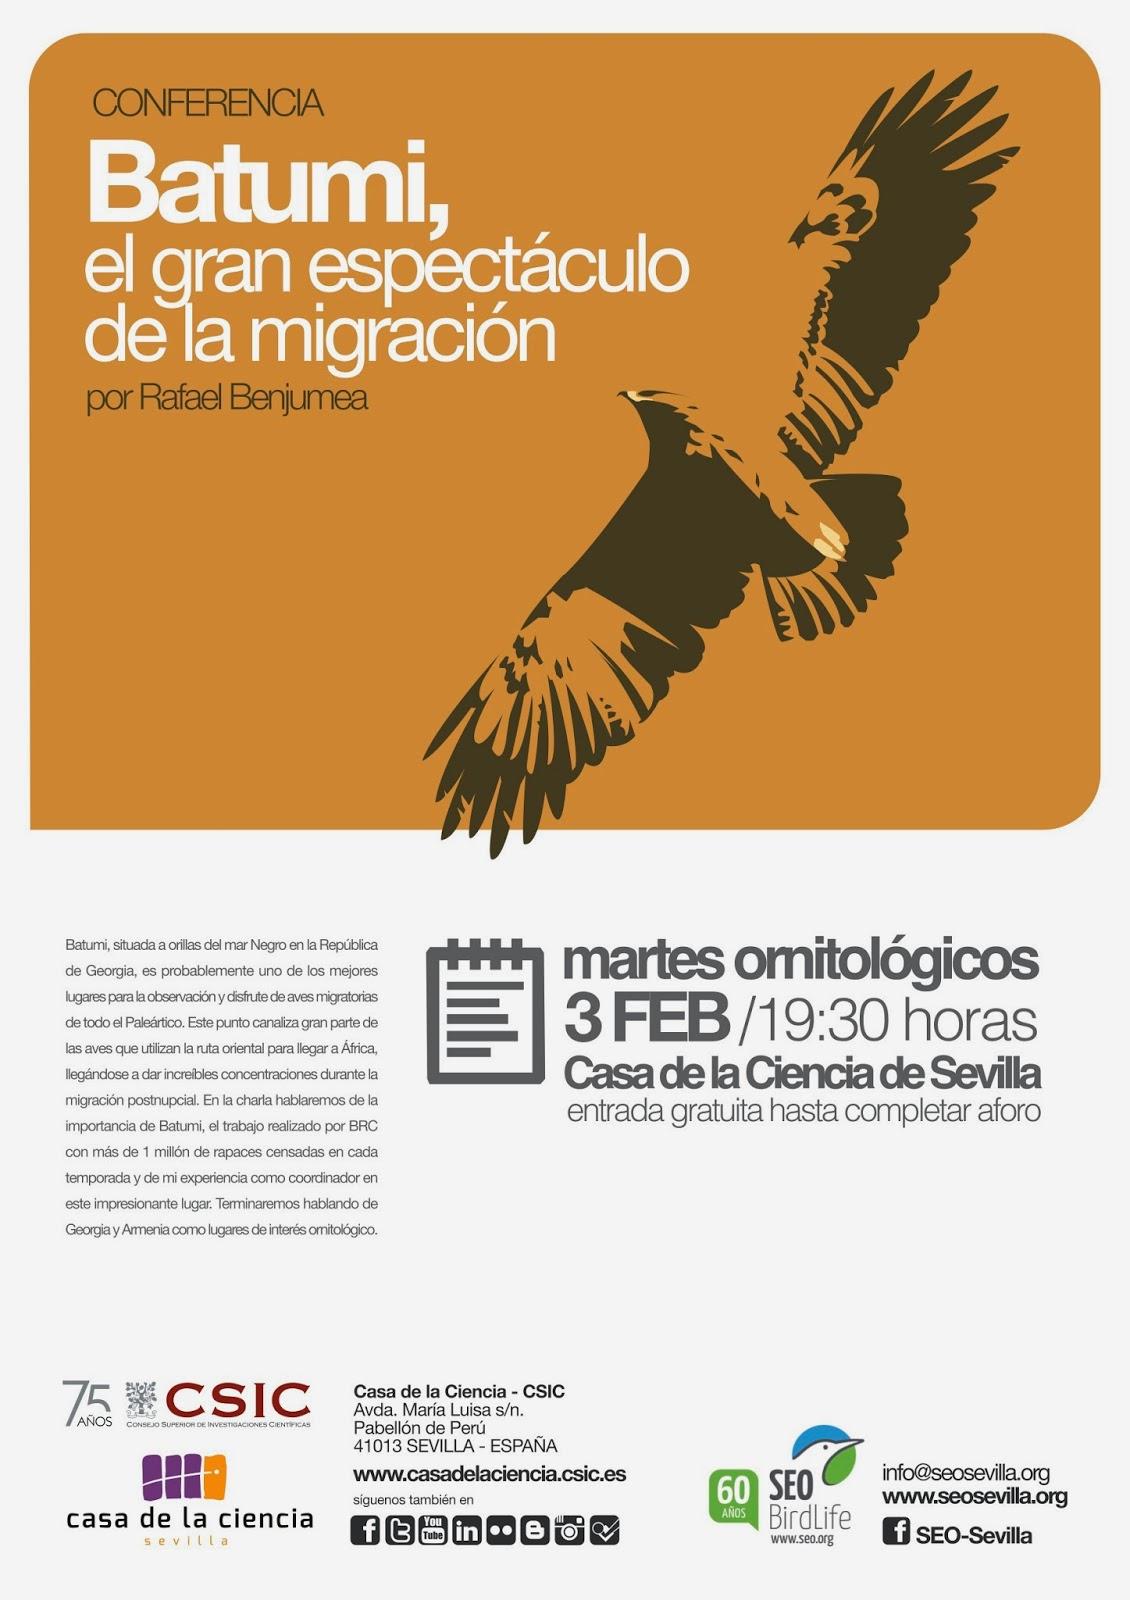 """Conferencia ornitológica organizada por el Grupo Local SEO-Sevilla de SEO/BirdLife en el museo Casa de la Ciencia de Sevilla. """"Batumi, el gran espectáculo de la migración"""". Por Rafael Benjumea,"""